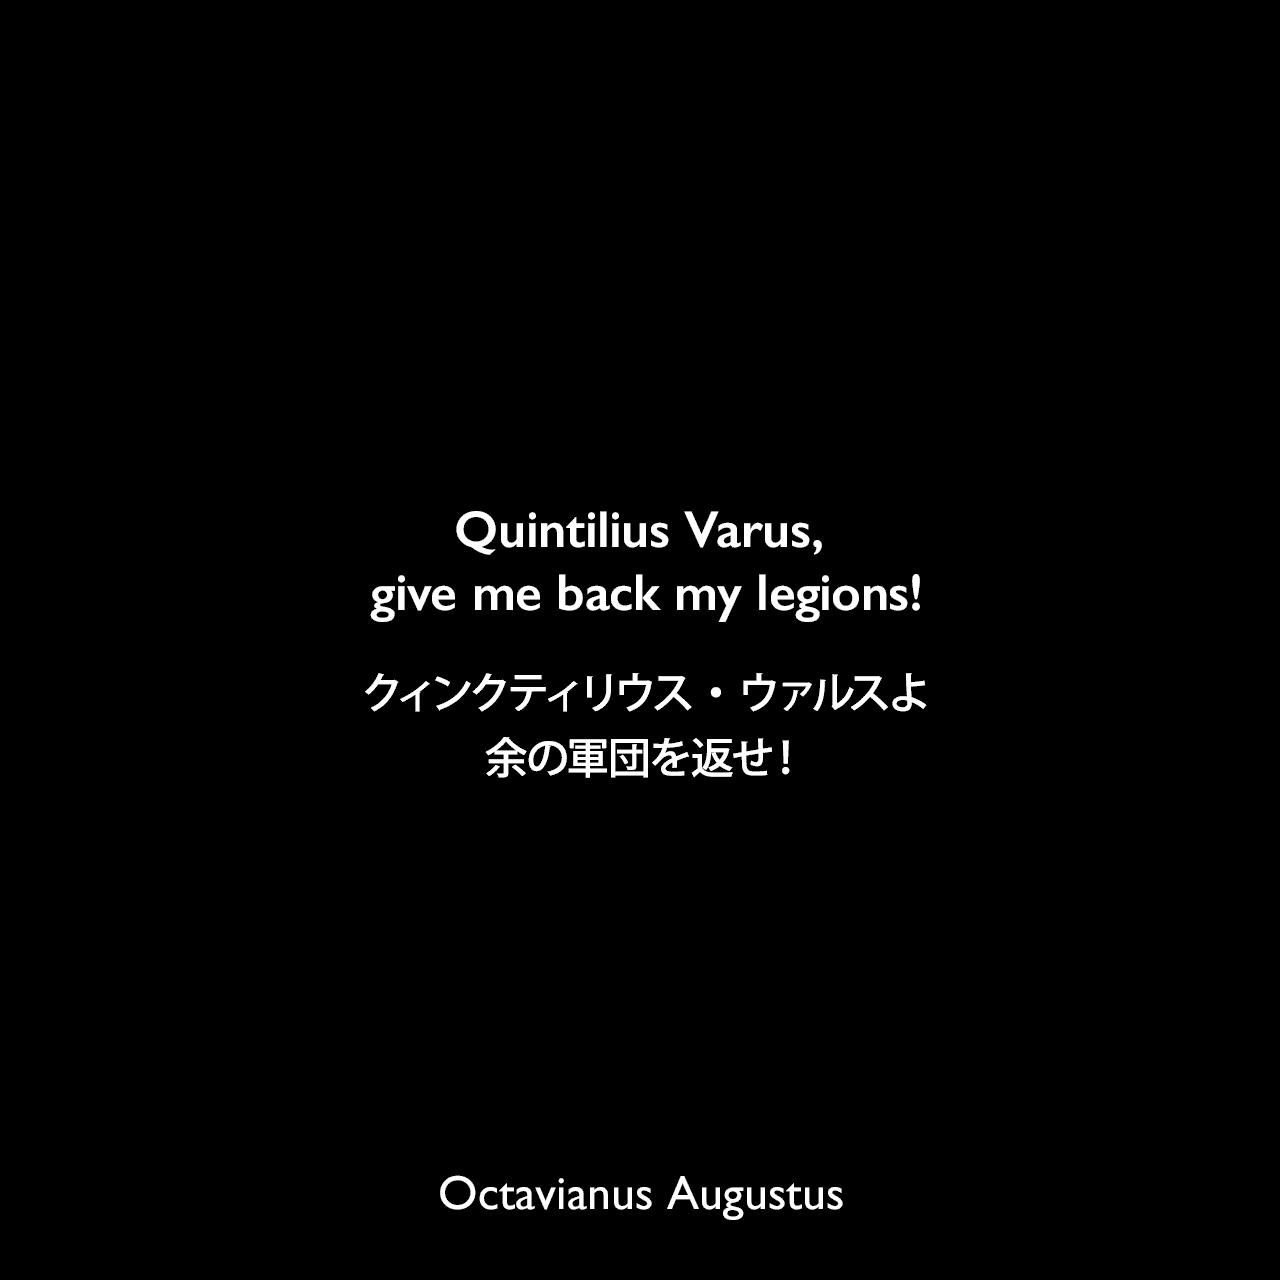 Quintilius Varus, give me back my legions!クィンクティリウス・ウァルスよ、余の軍団を返せ!- 歴史家ガイウス・スエトニウス・トランクィッルスの本より(トイトブルク森の戦い敗戦の報を聞いて)Octavianus Augustus